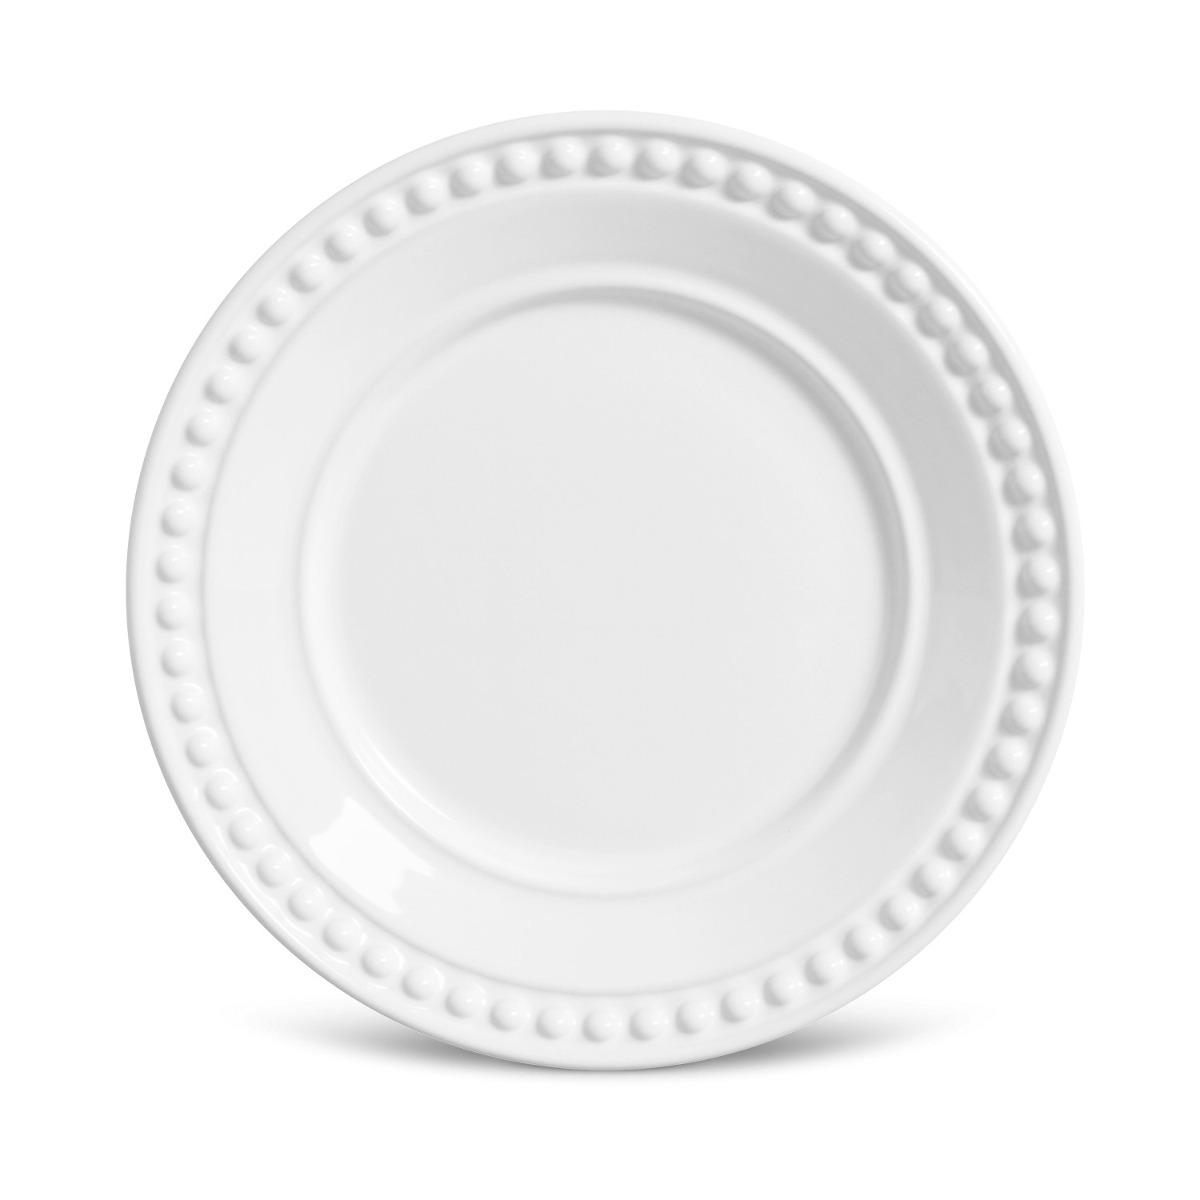 Aparelho De Jantar 30 Peças Atenas Branco Frete Grátis R 59999